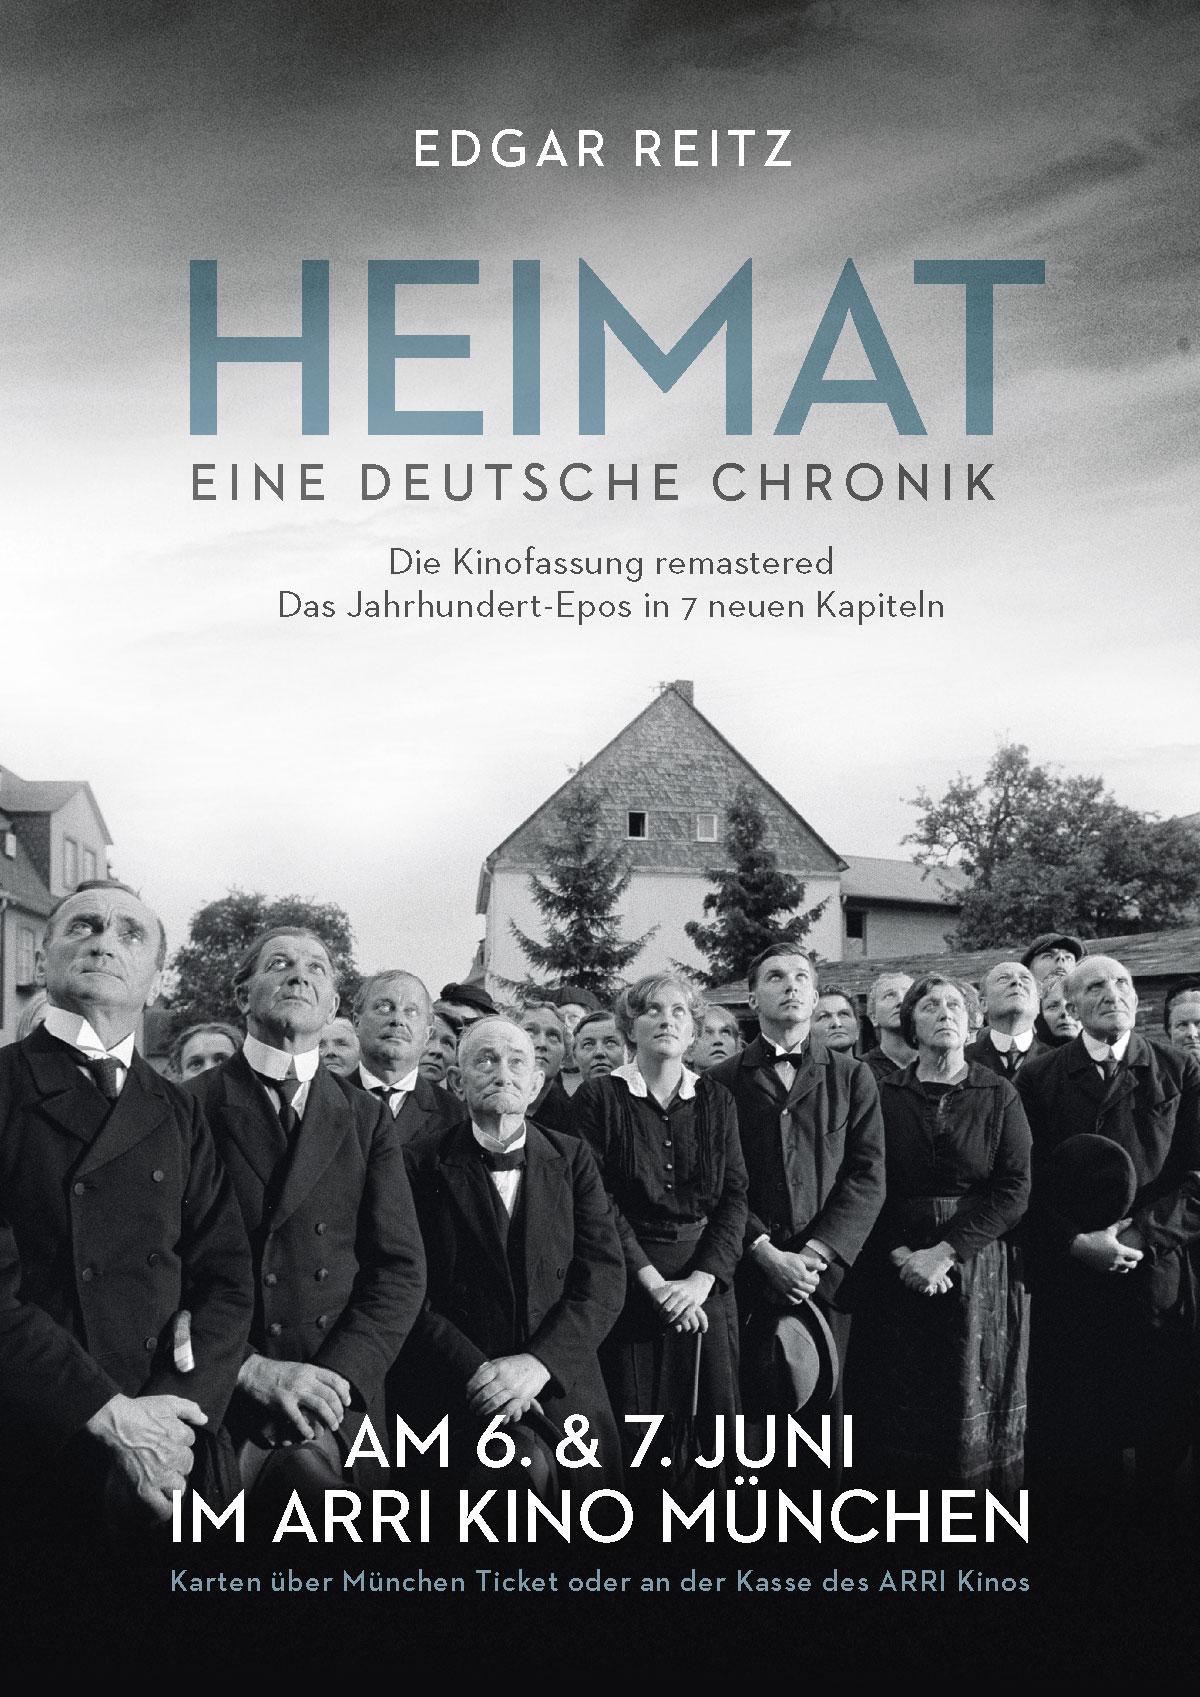 Heimat Edgar Reitz Chronik DVD Plakat Arthaus DVD